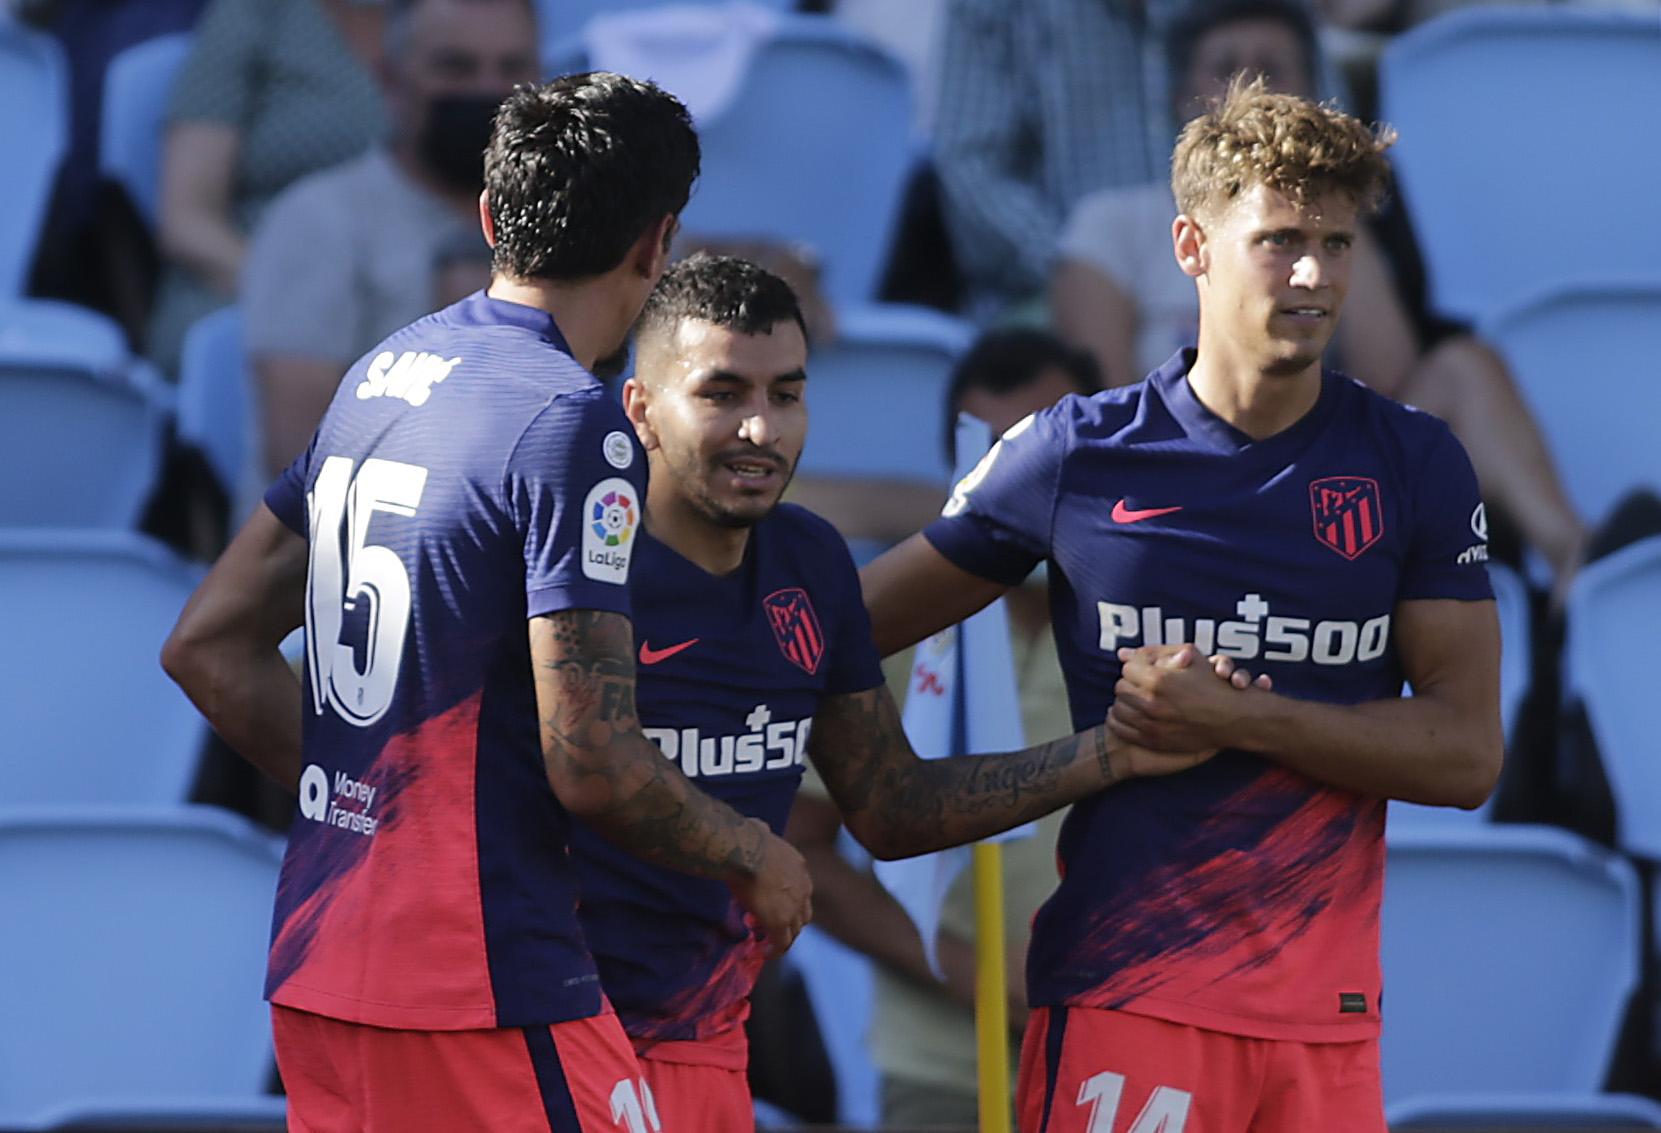 La Liga: Όμορφα και… Κορέα η Ατλέτικο «λύγισε» την Θέλτα και ξεκίνησε με νίκη